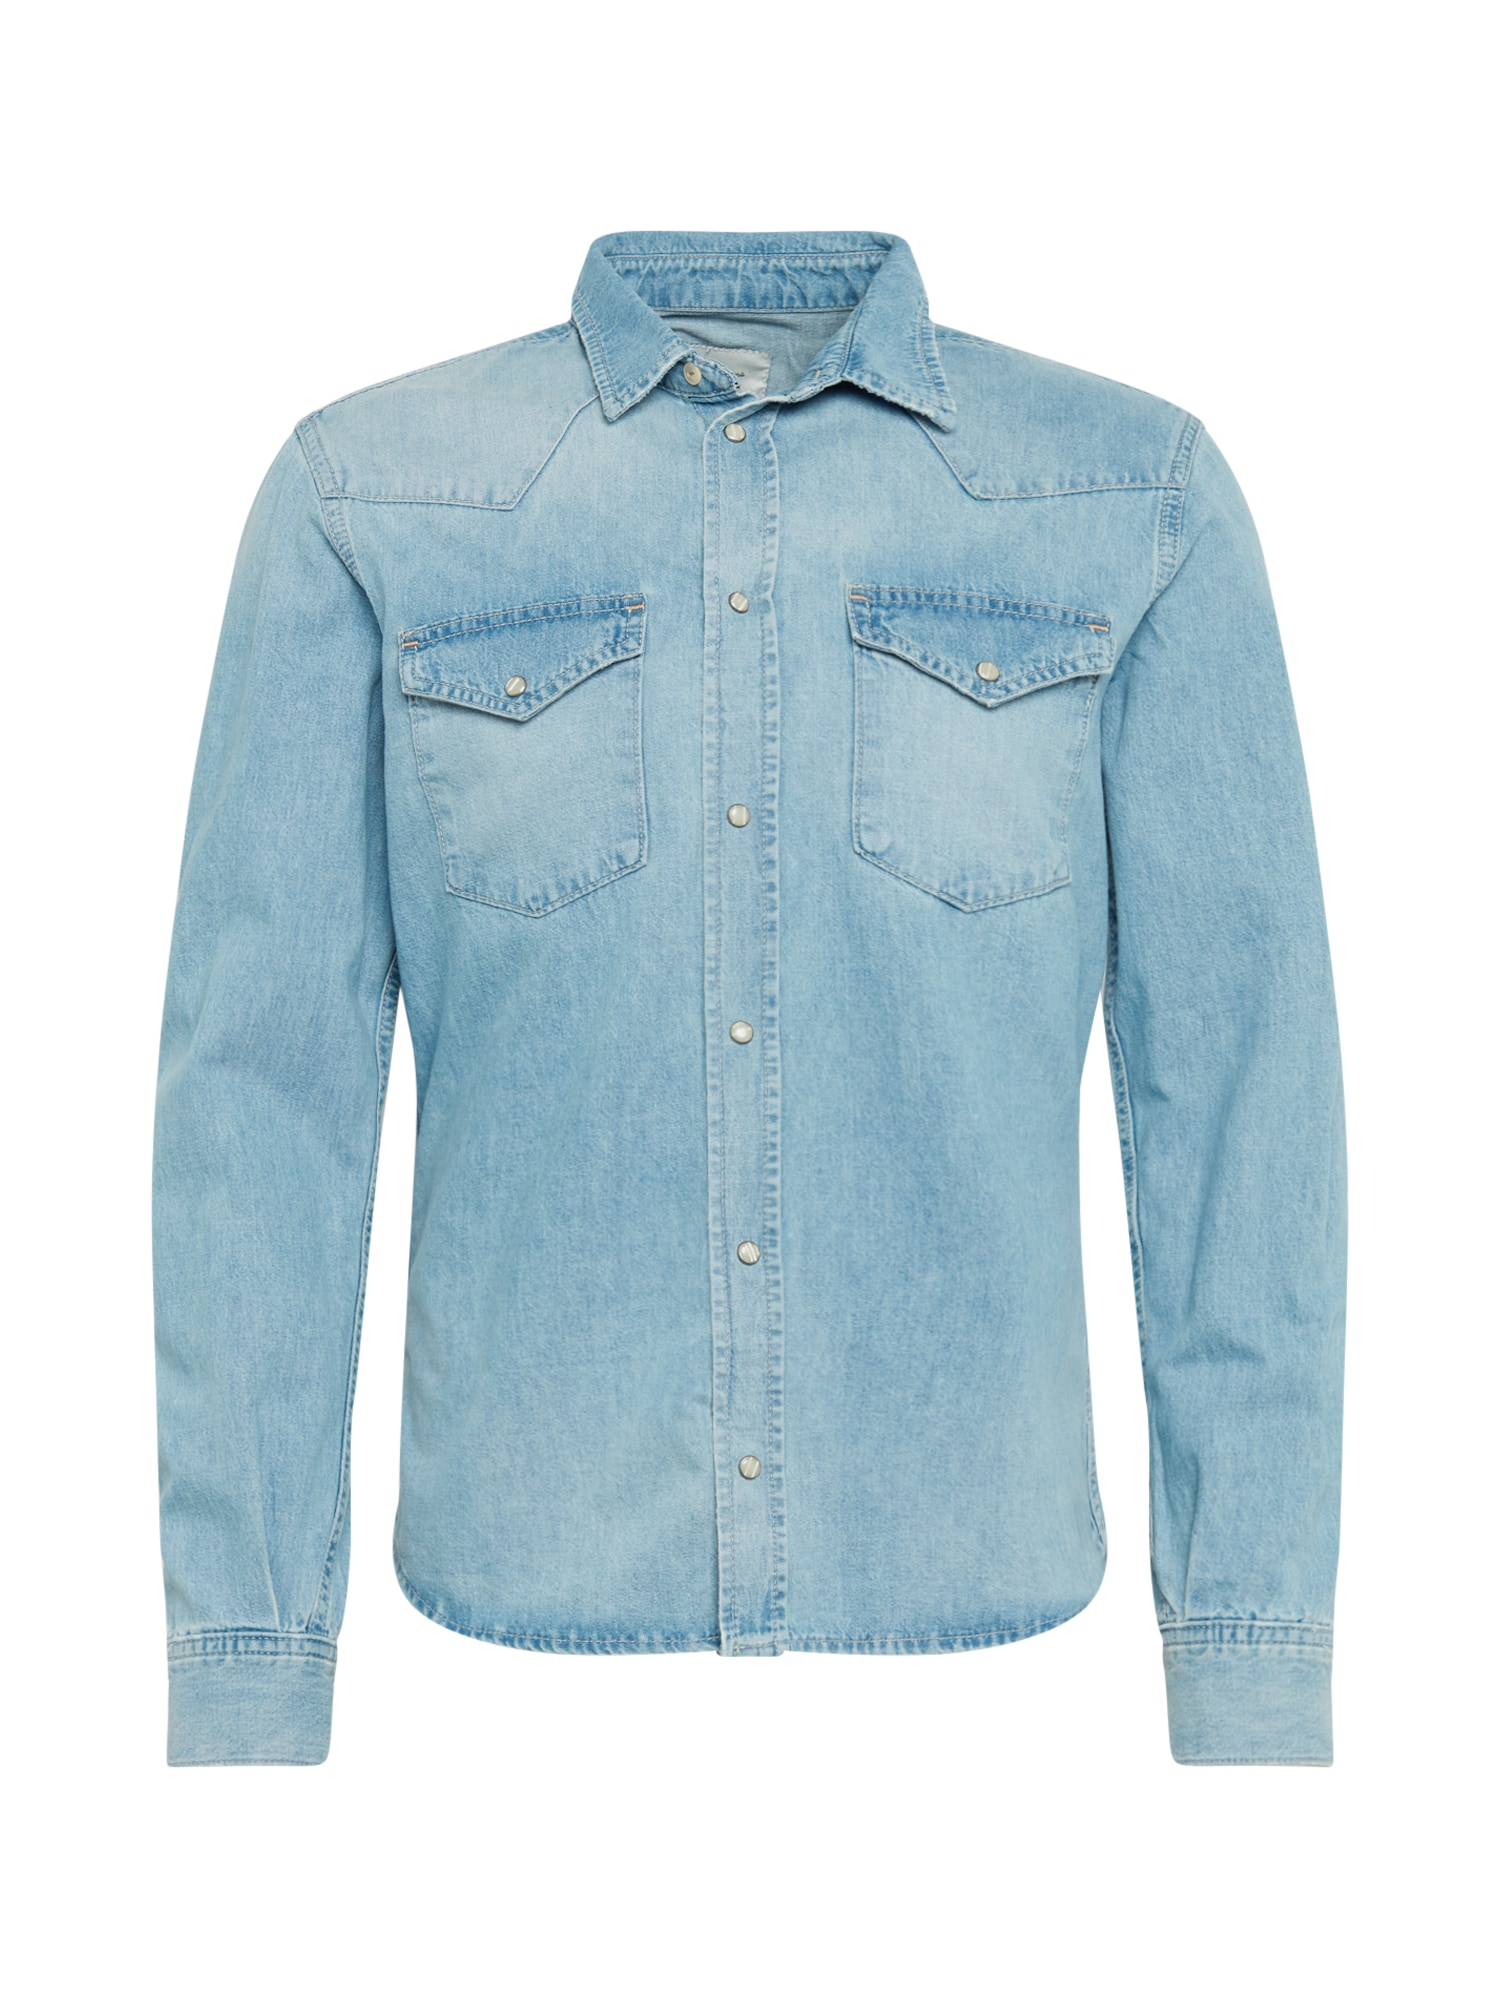 Pepe Jeans Dalykiniai marškiniai 'NATHAN' tamsiai (džinso) mėlyna